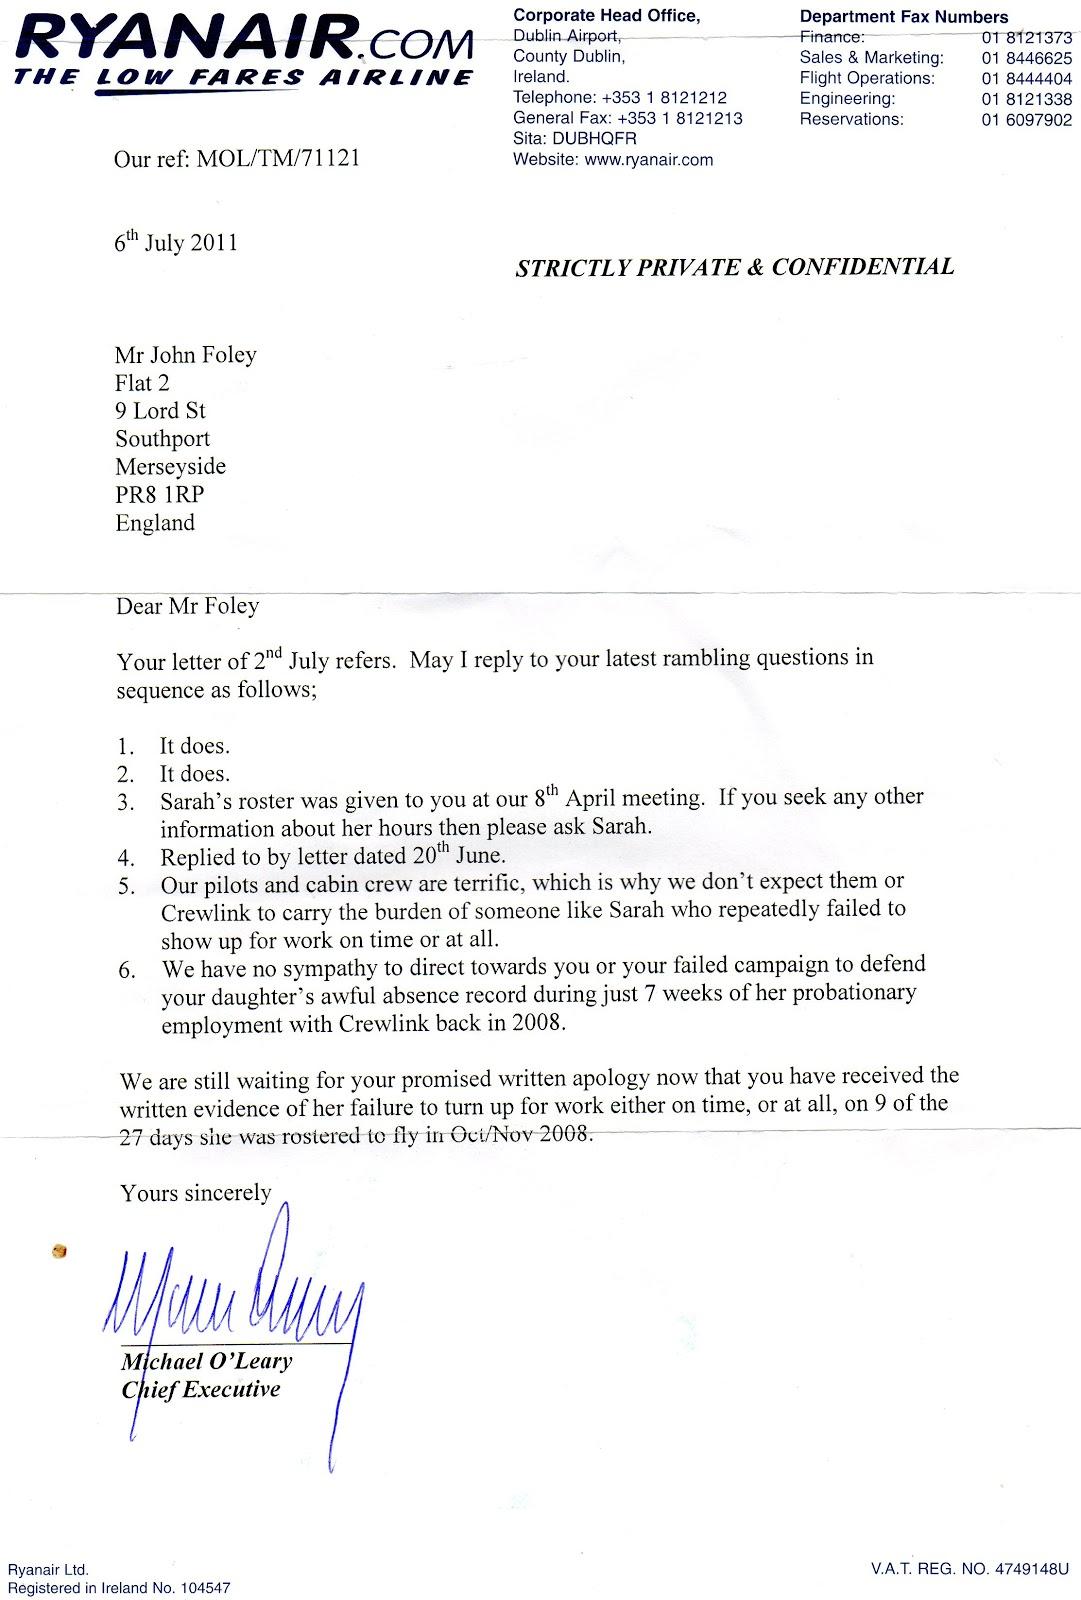 Letter Of Application Letter Of Application Cabin Crew